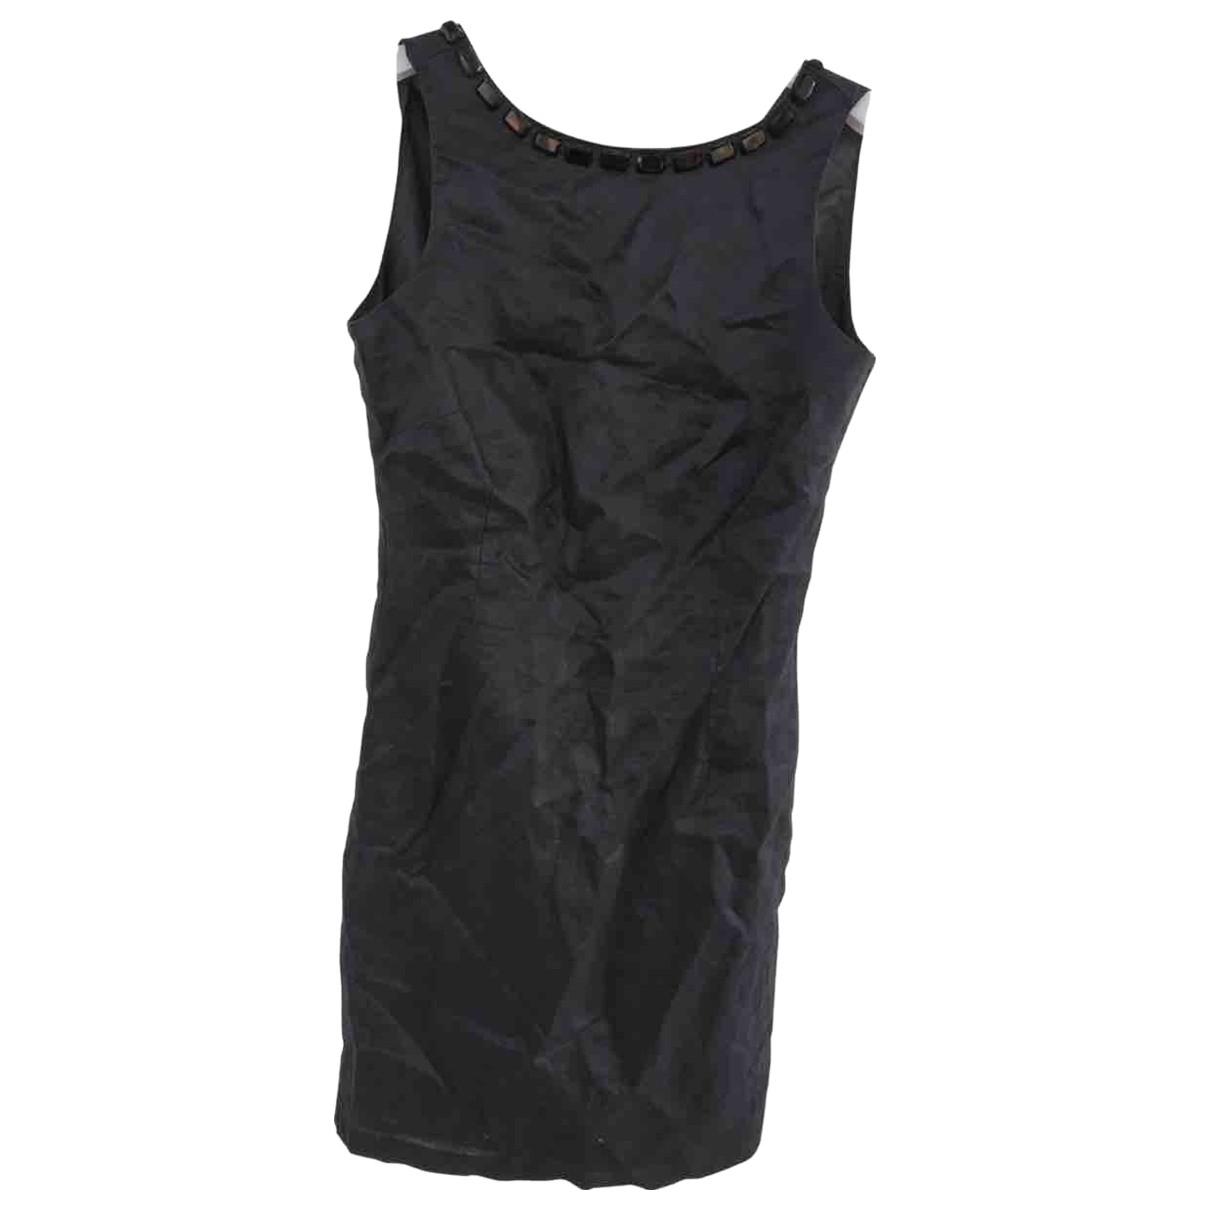 Zara - Robe   pour femme en lin - noir